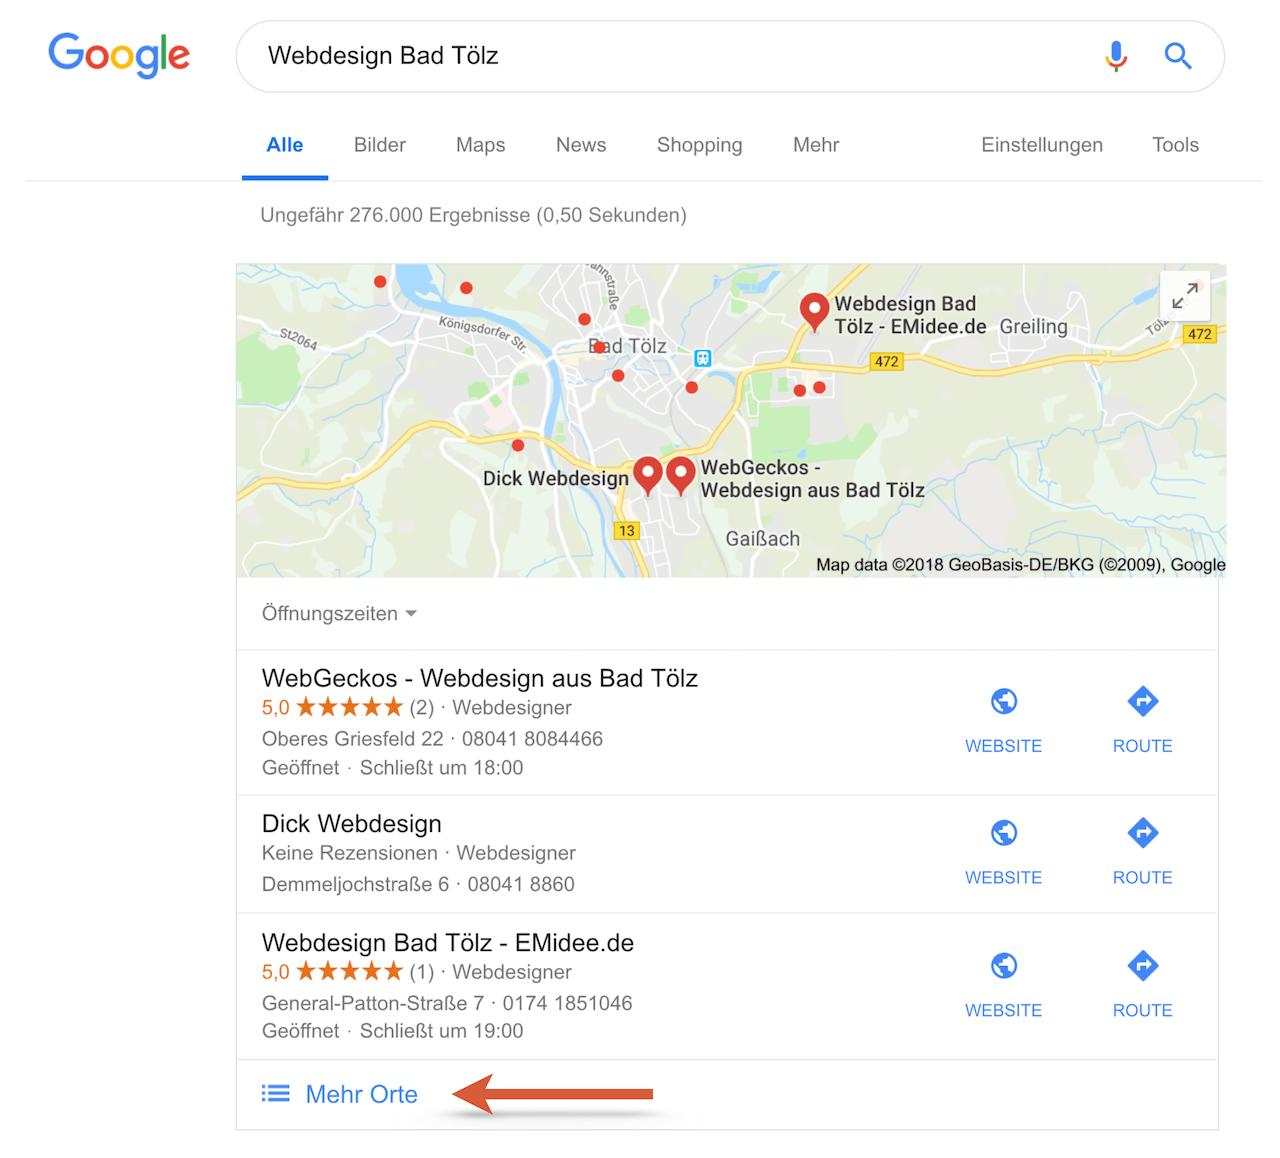 Local 3-Pack bei Google - Top 3 Ergebnisse in der lokalen Suche